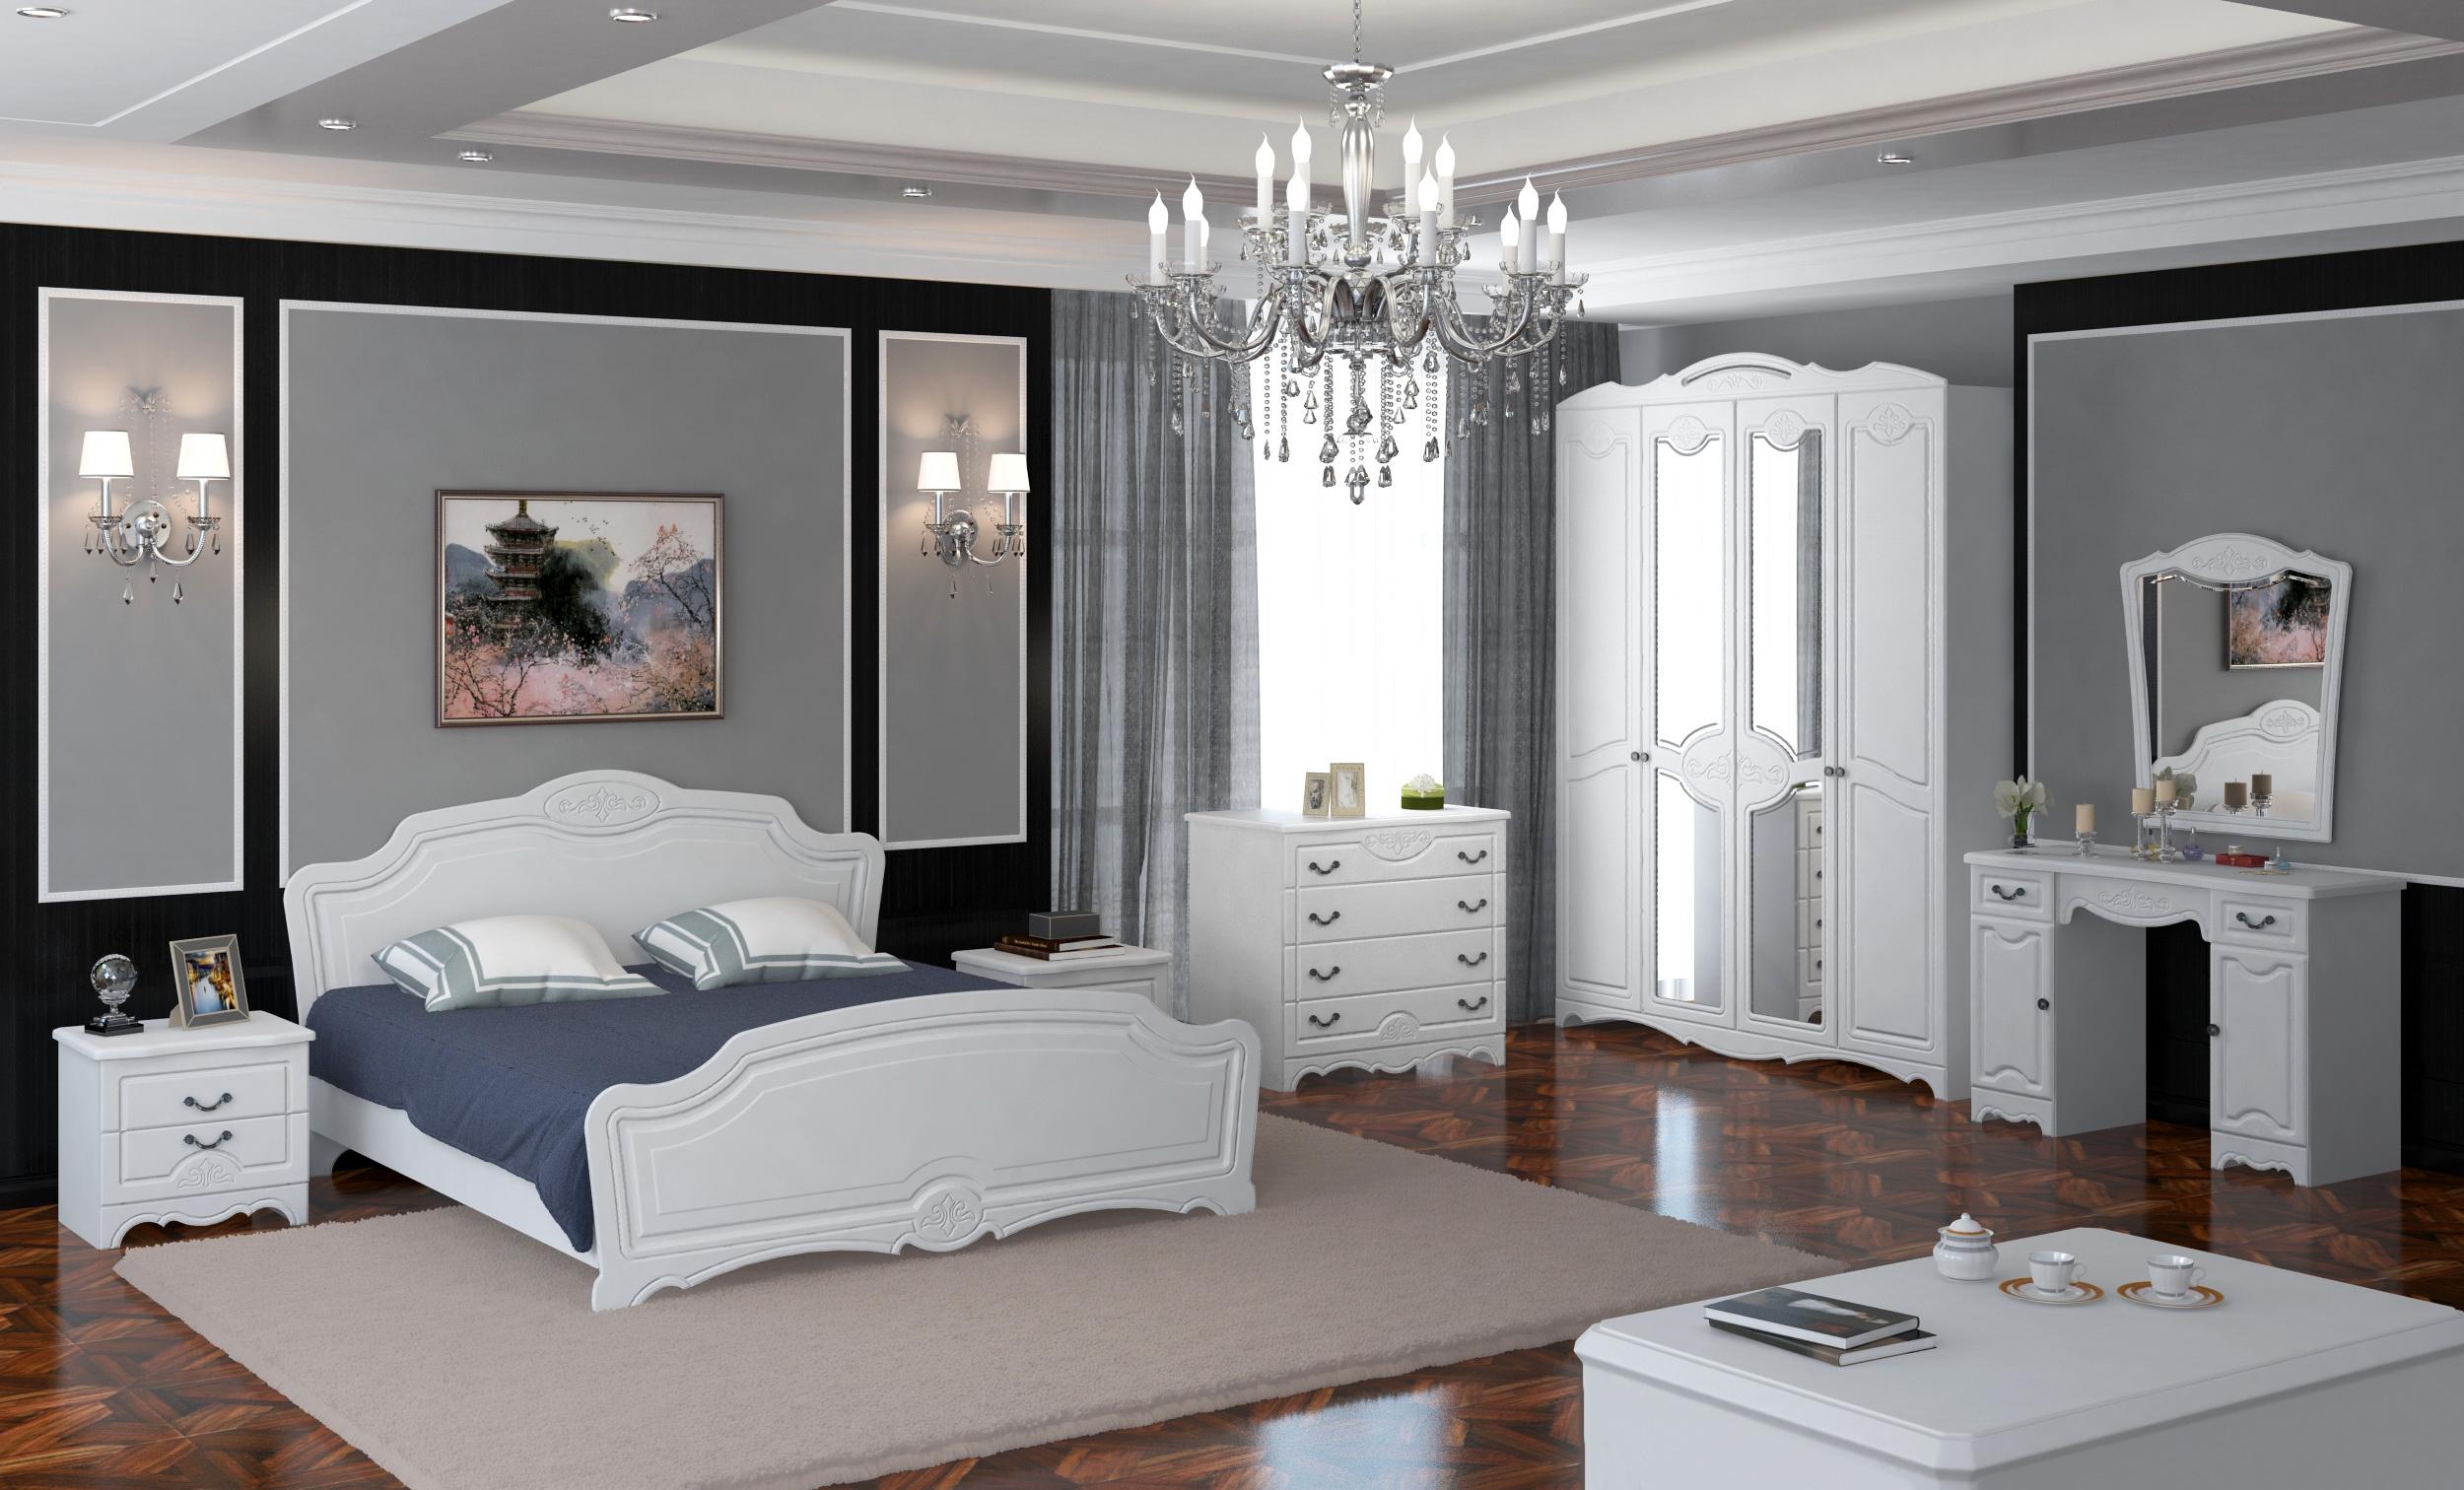 мебельная фабрика Bravo мебель г брянск спальный гарнитур